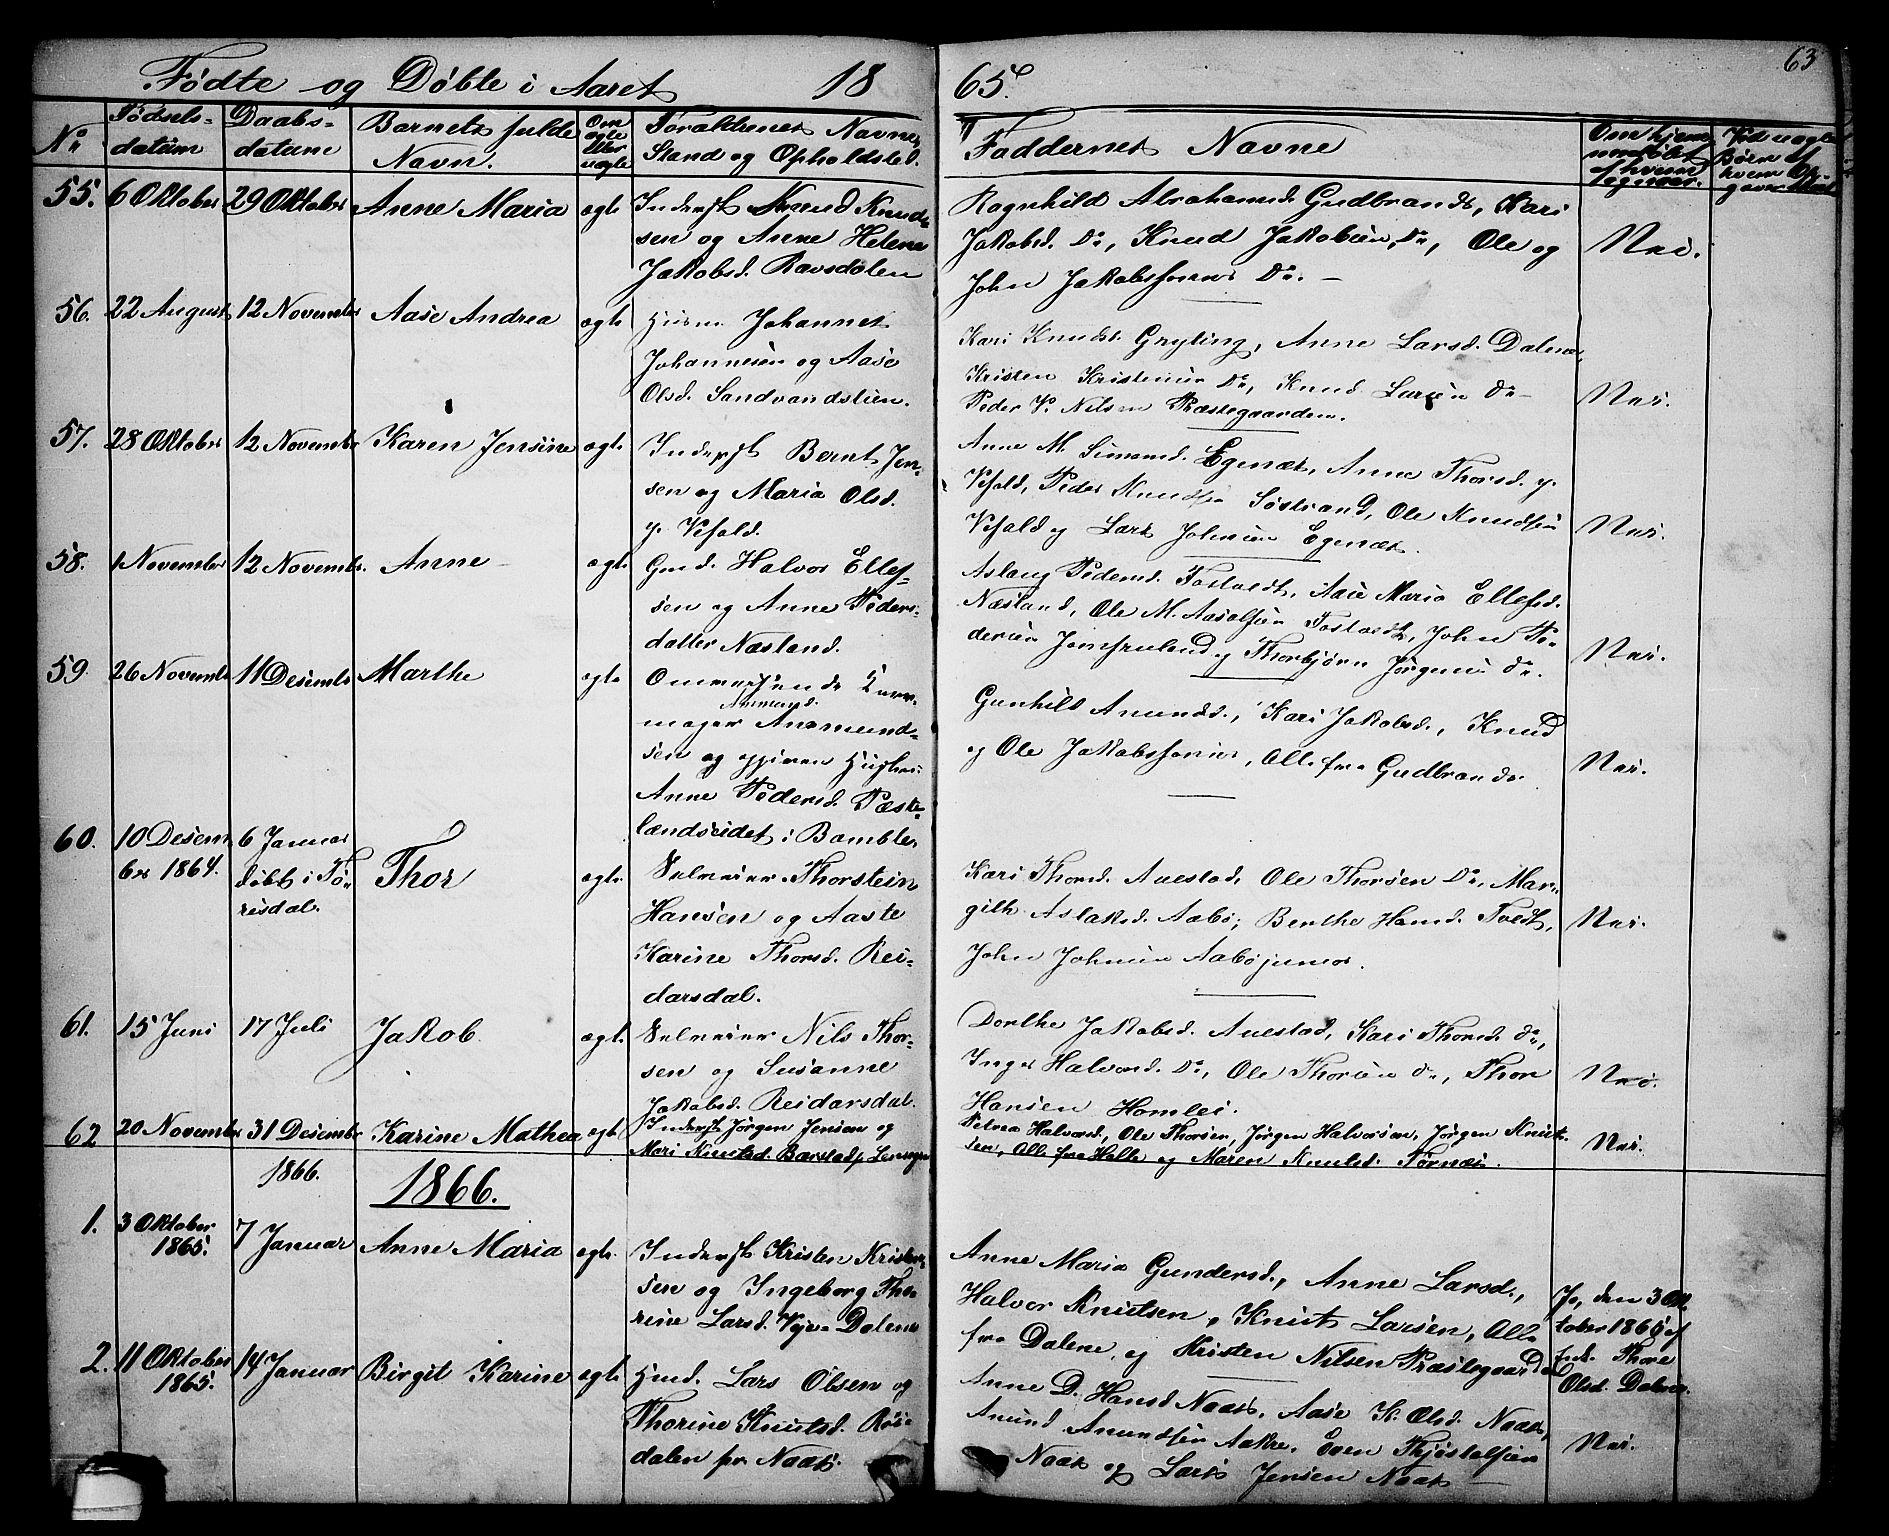 SAKO, Drangedal kirkebøker, G/Ga/L0002: Klokkerbok nr. I 2, 1856-1887, s. 63